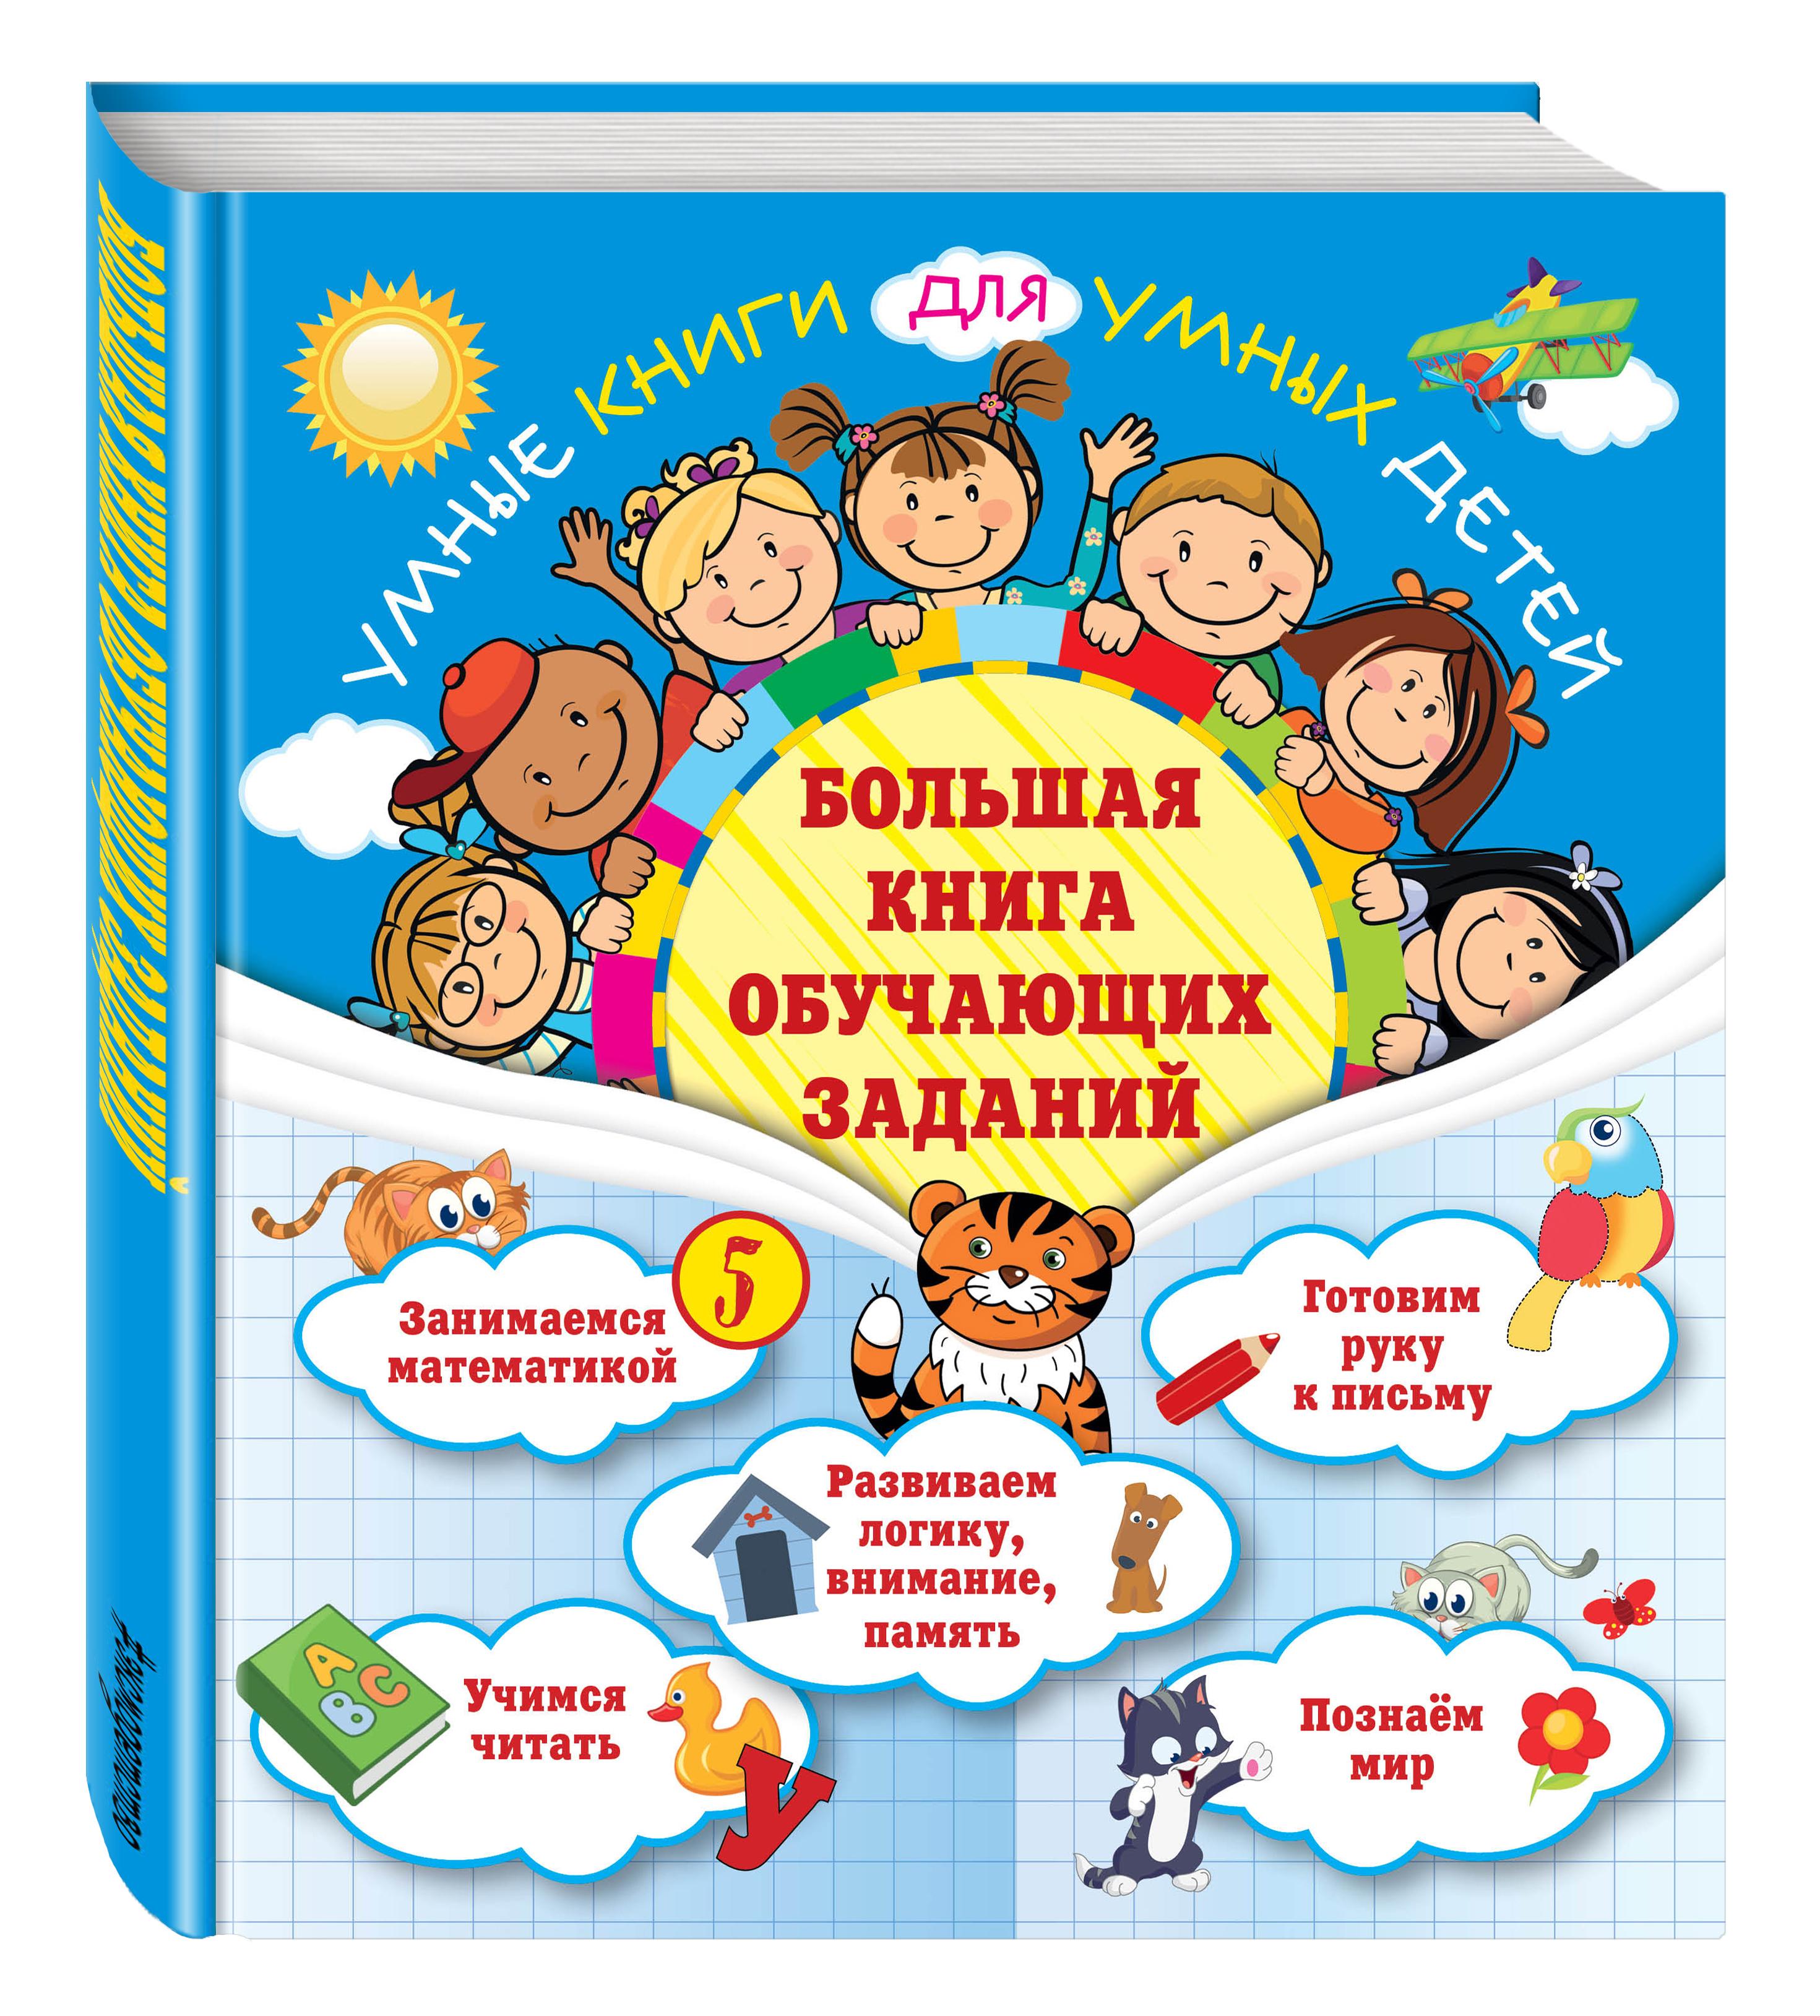 Купить Большая книга обучающих заданий, Эксмо, Детская художественная литература